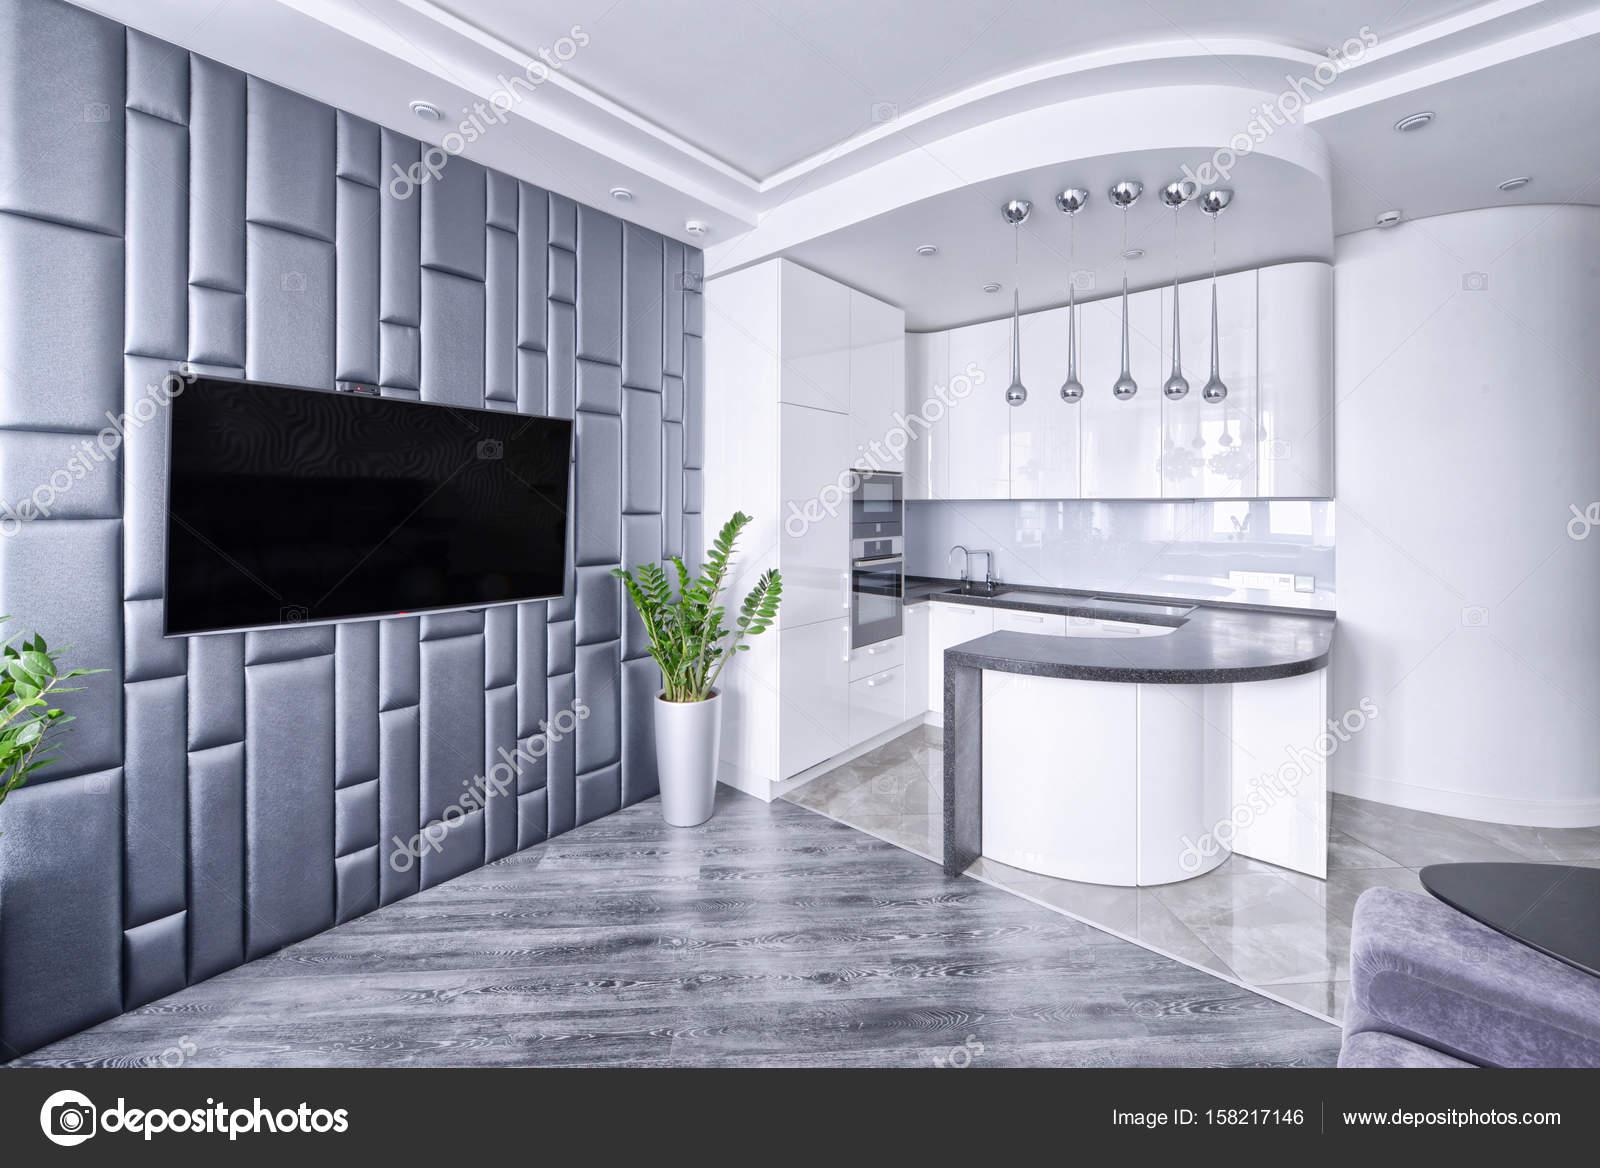 Moderne design interieur kamer met witte hoogglans keuken in een ...